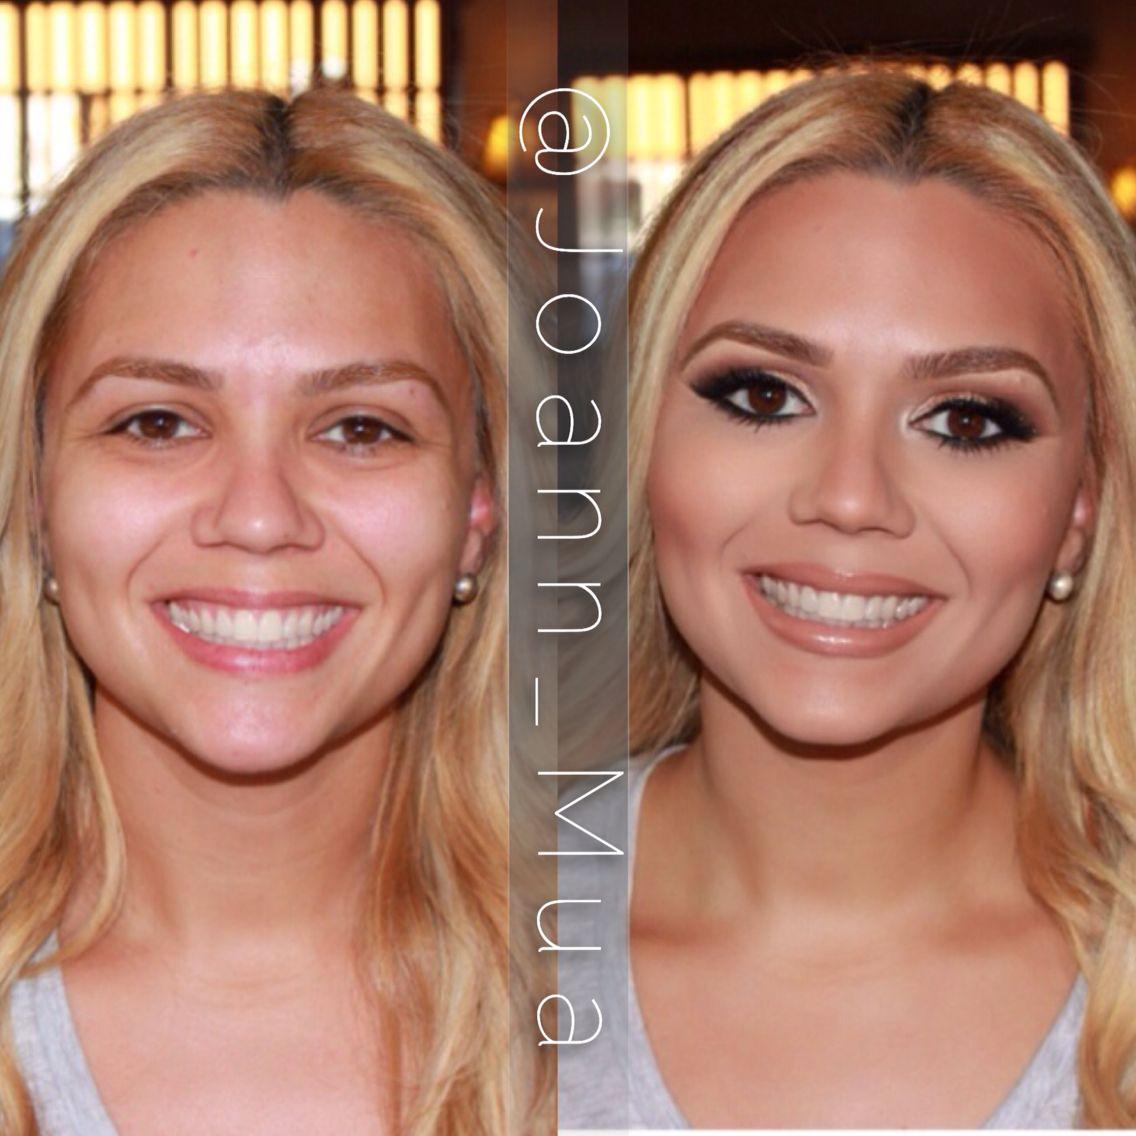 Makeup transformation by Joann Wiltshire. Instagram @Joann_Mua